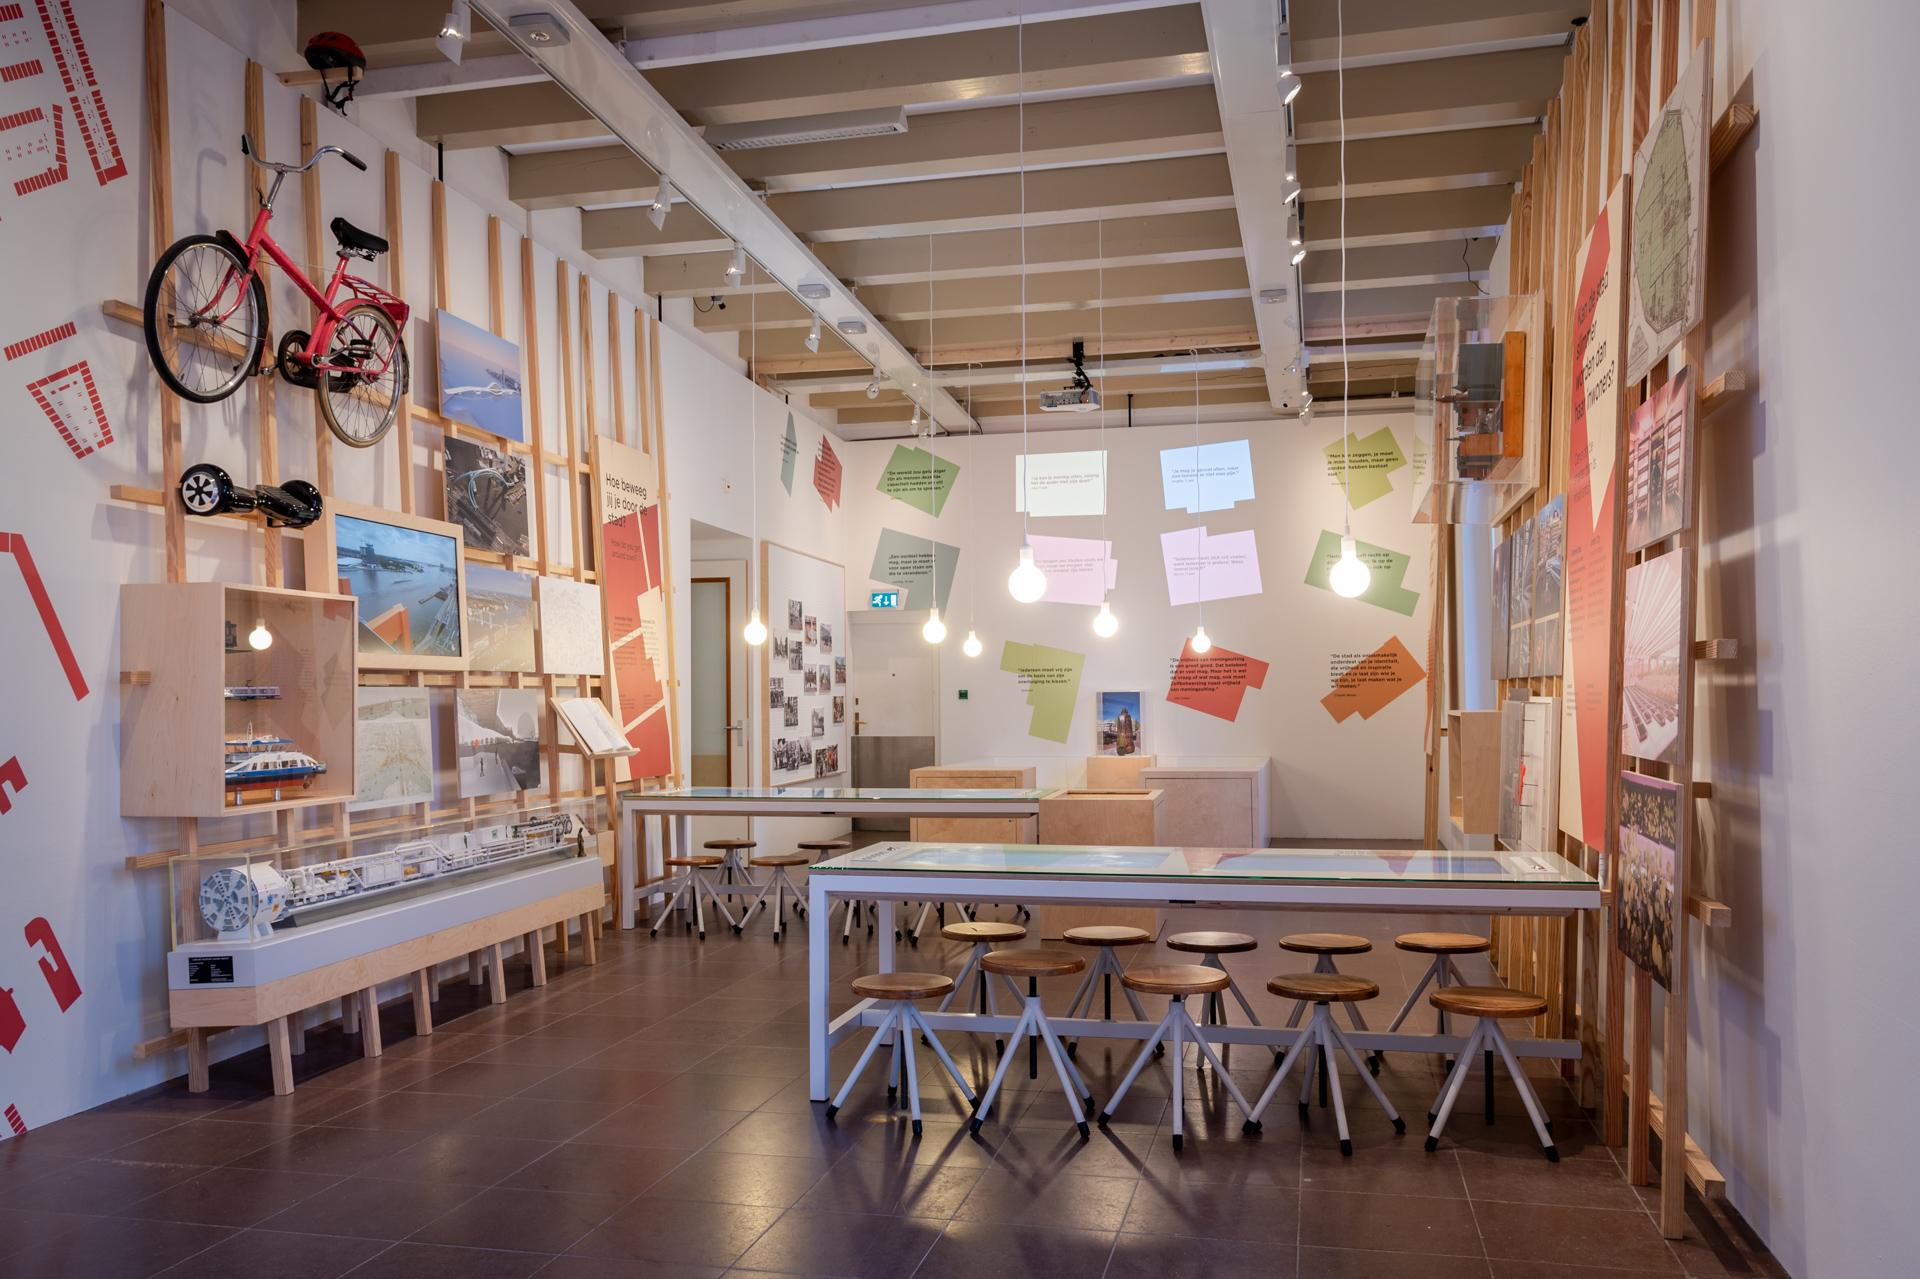 tentoonstellingsontwerp stadslab2 amsterdam museum 4 jpg